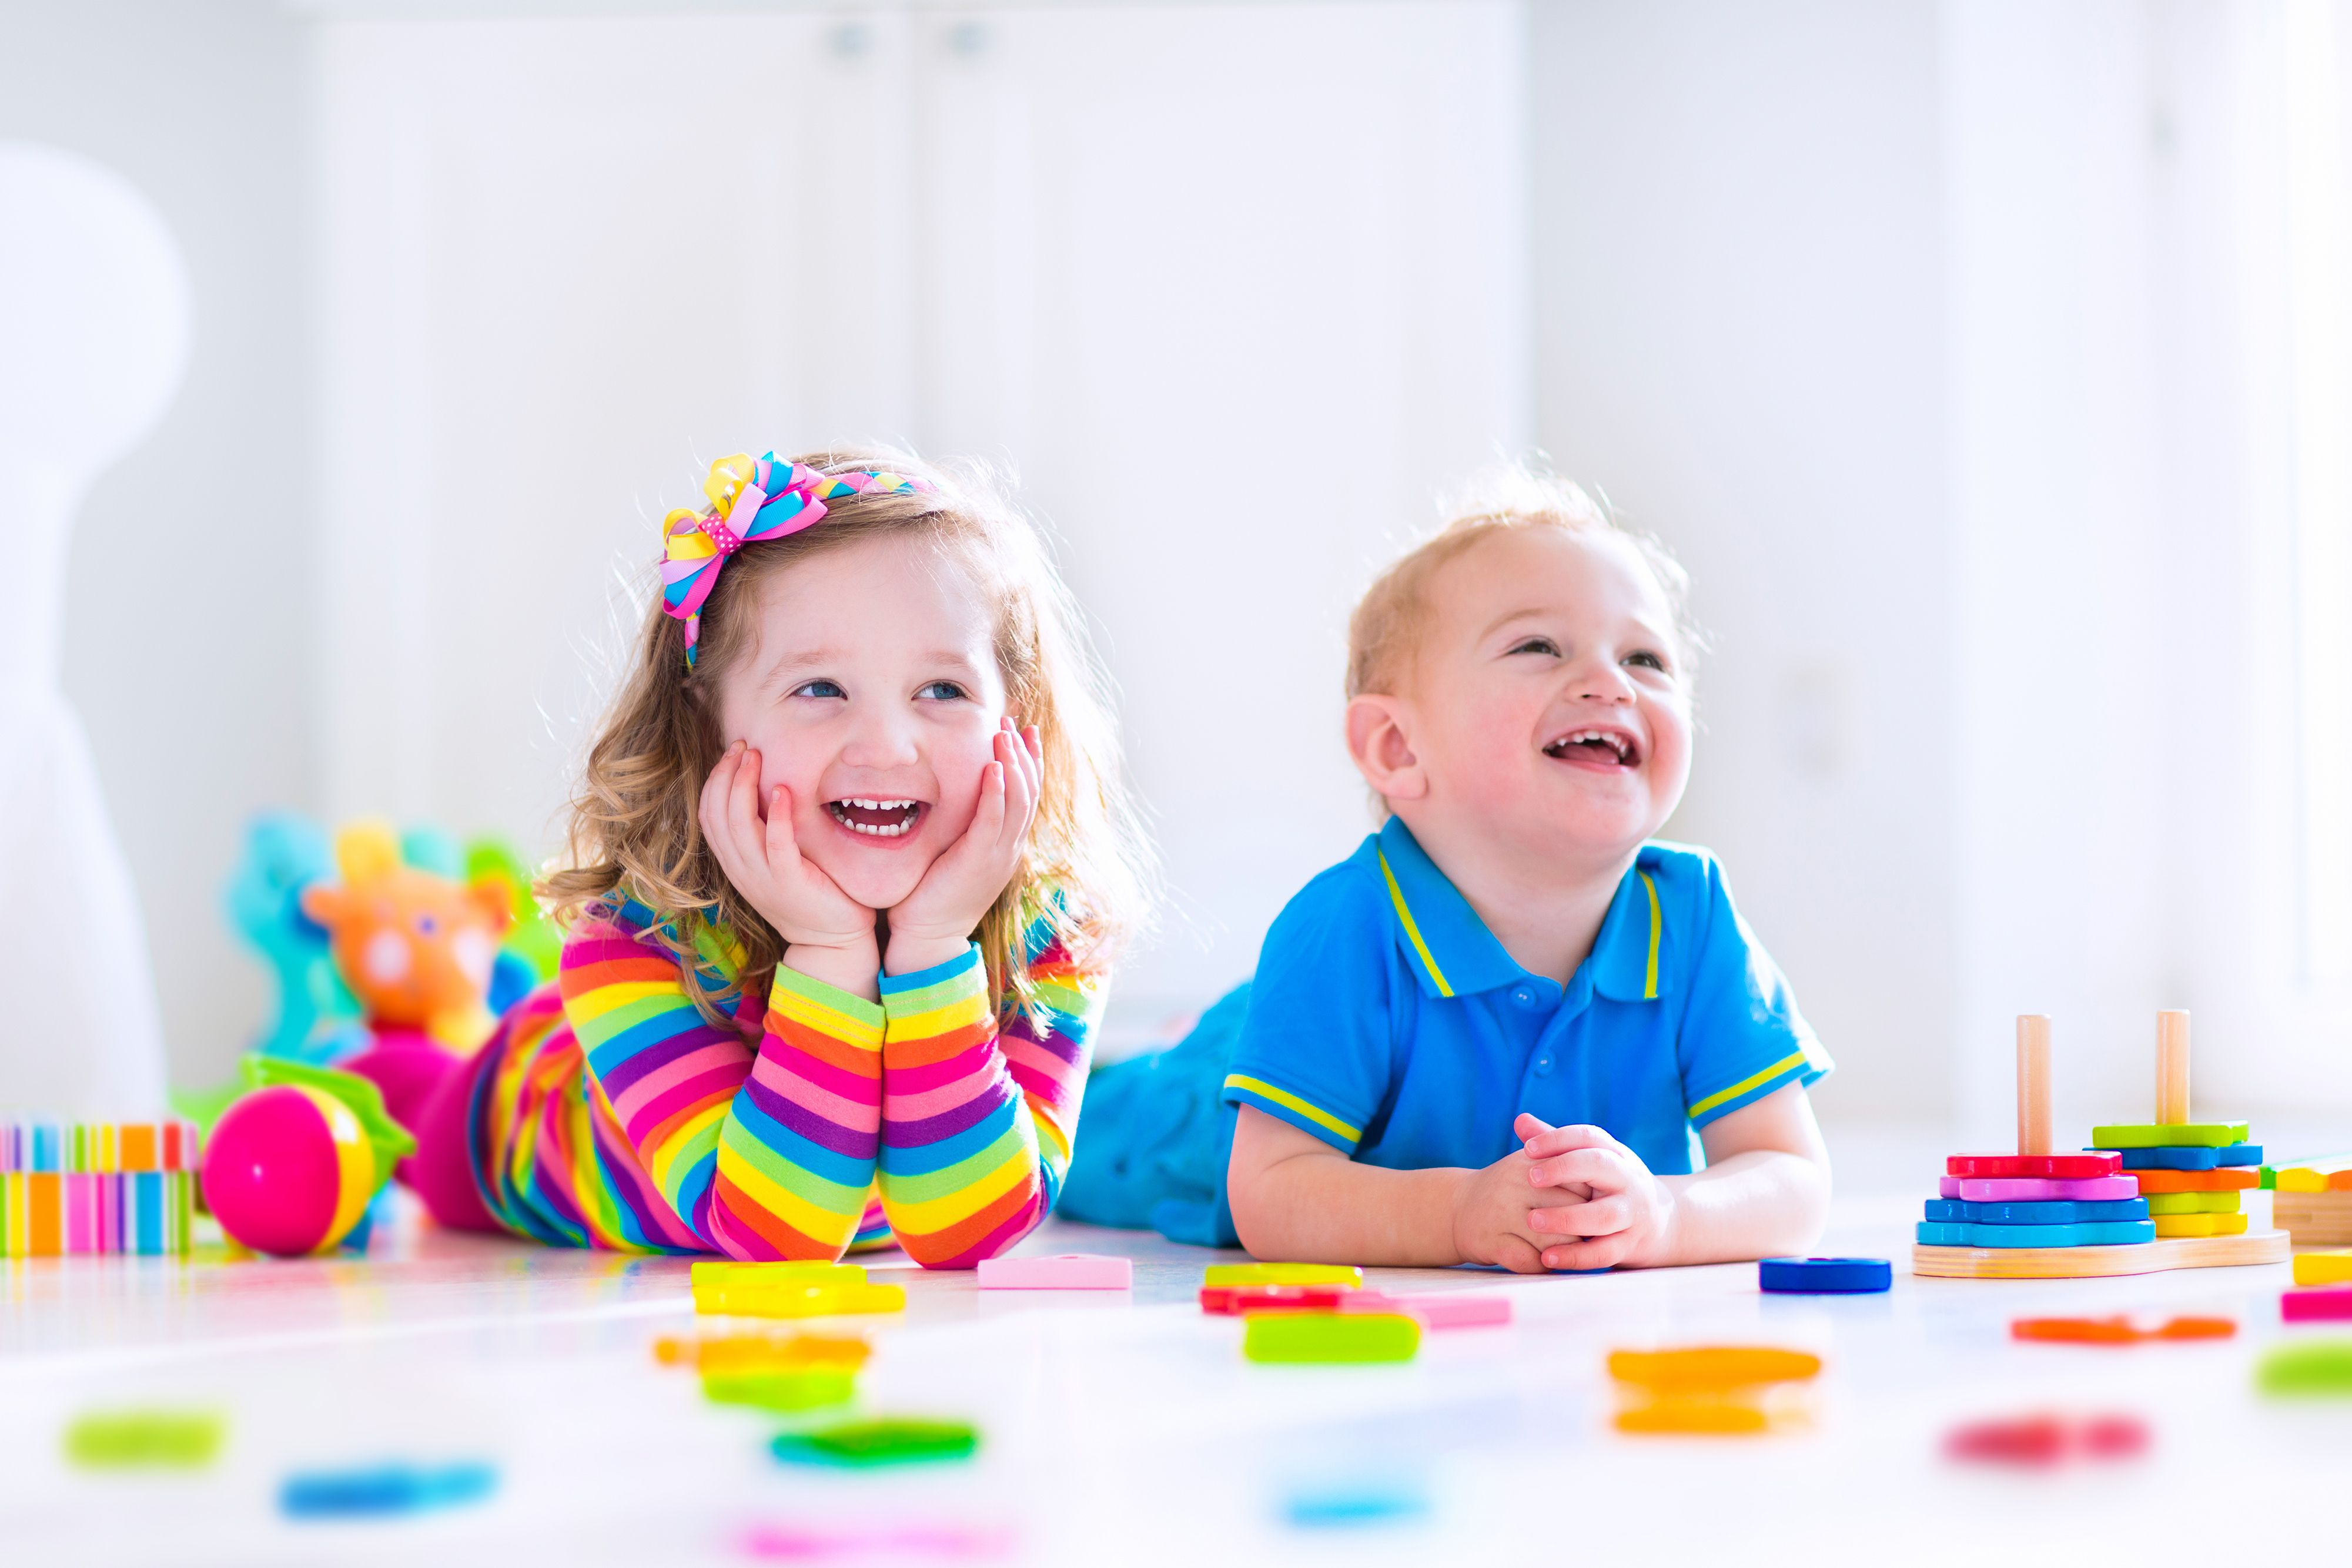 Kết quả hình ảnh cho montessori kid happy